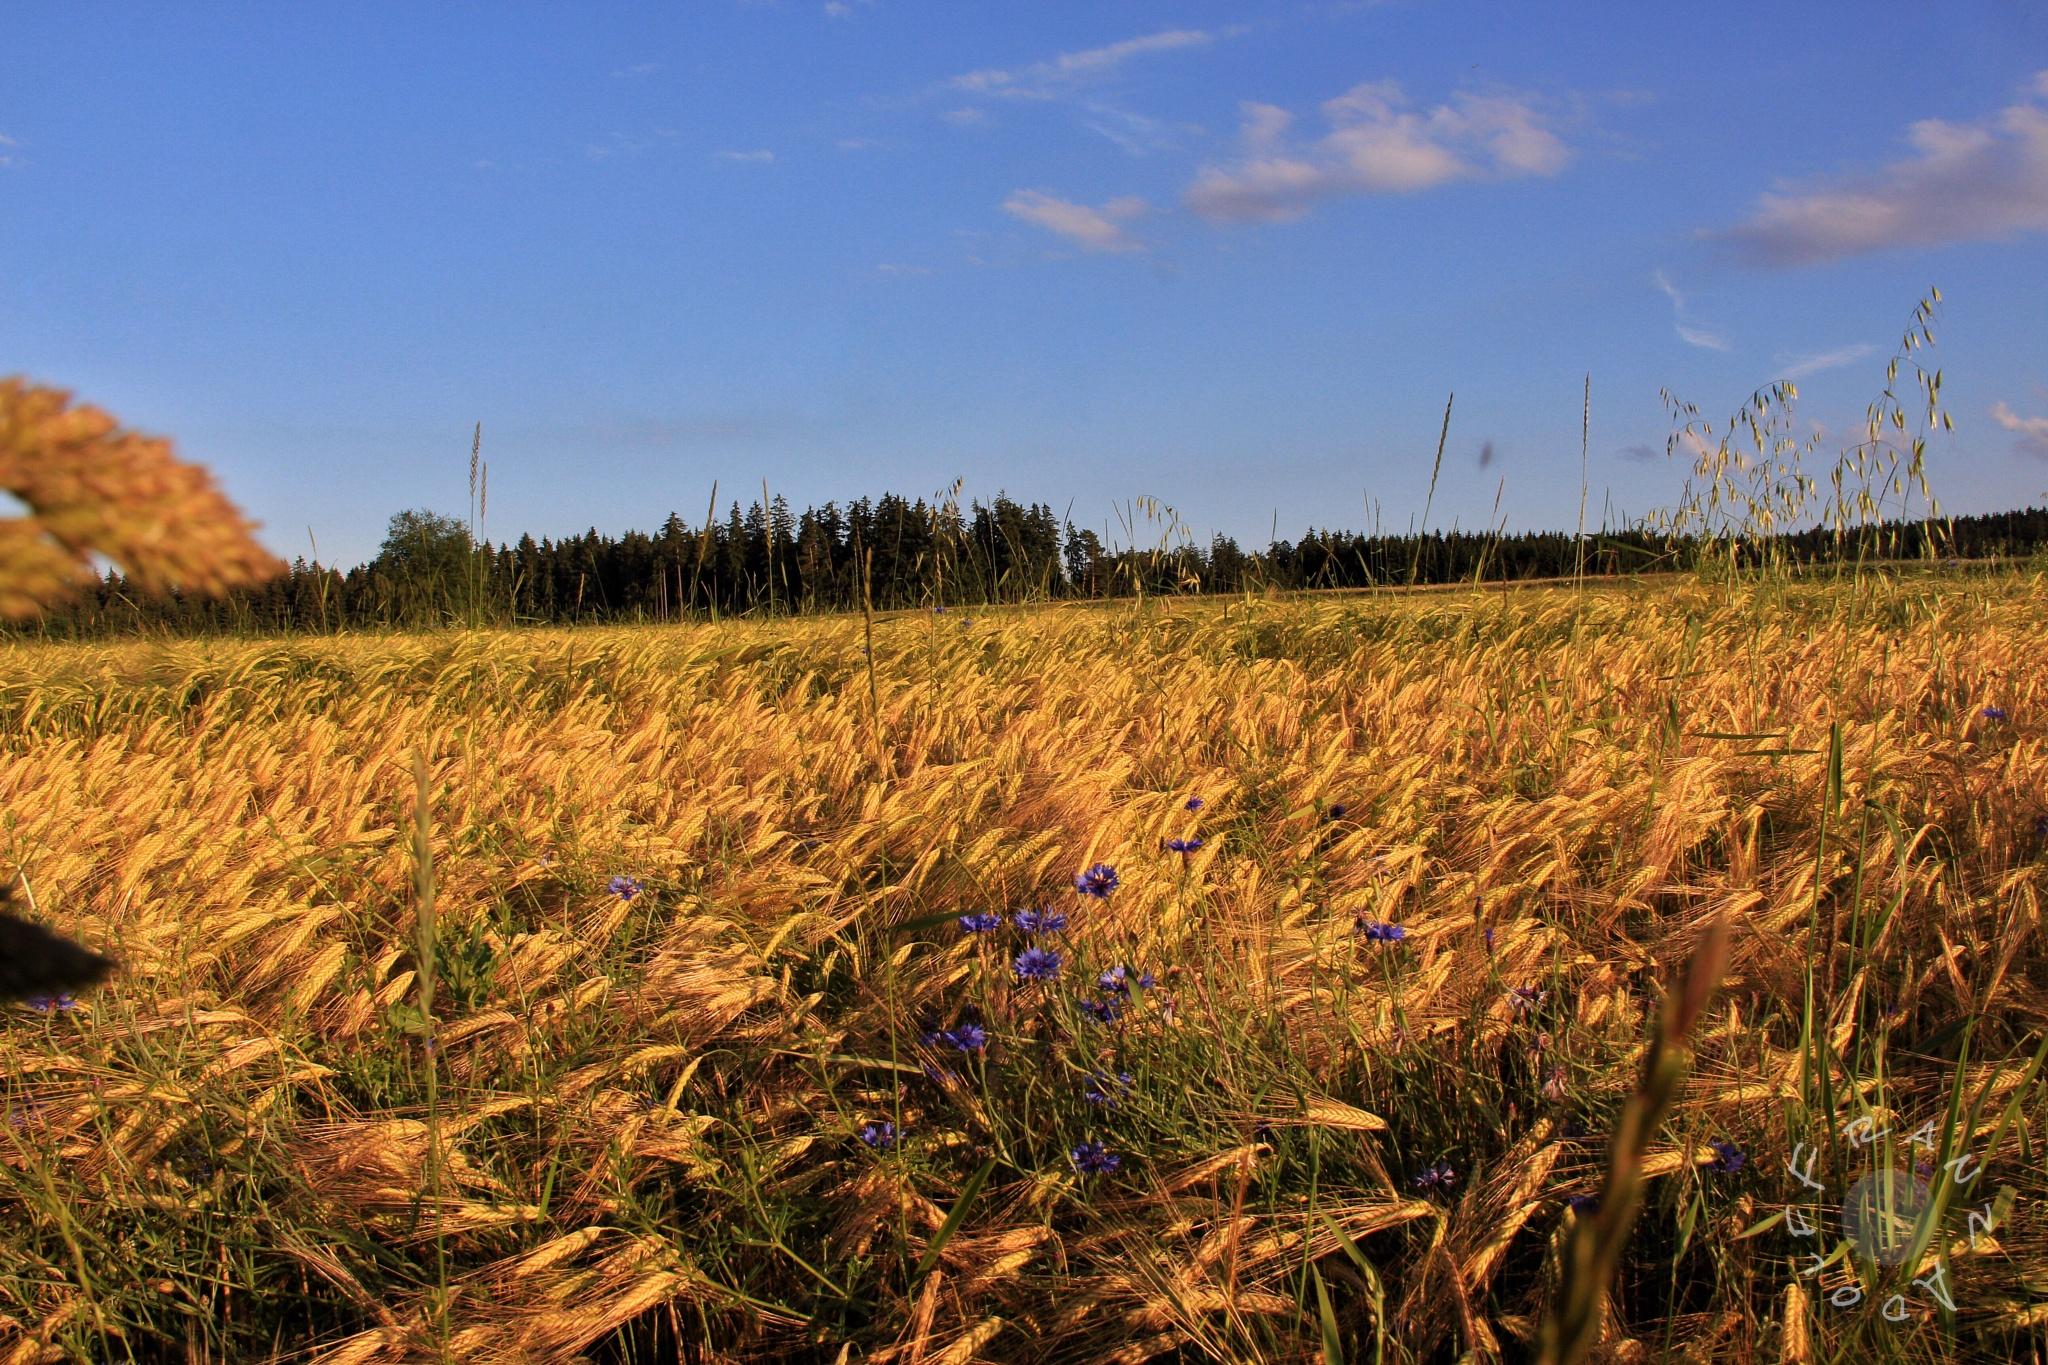 wheat field In Sunset in Ratschenhof in Austria  by Franzl